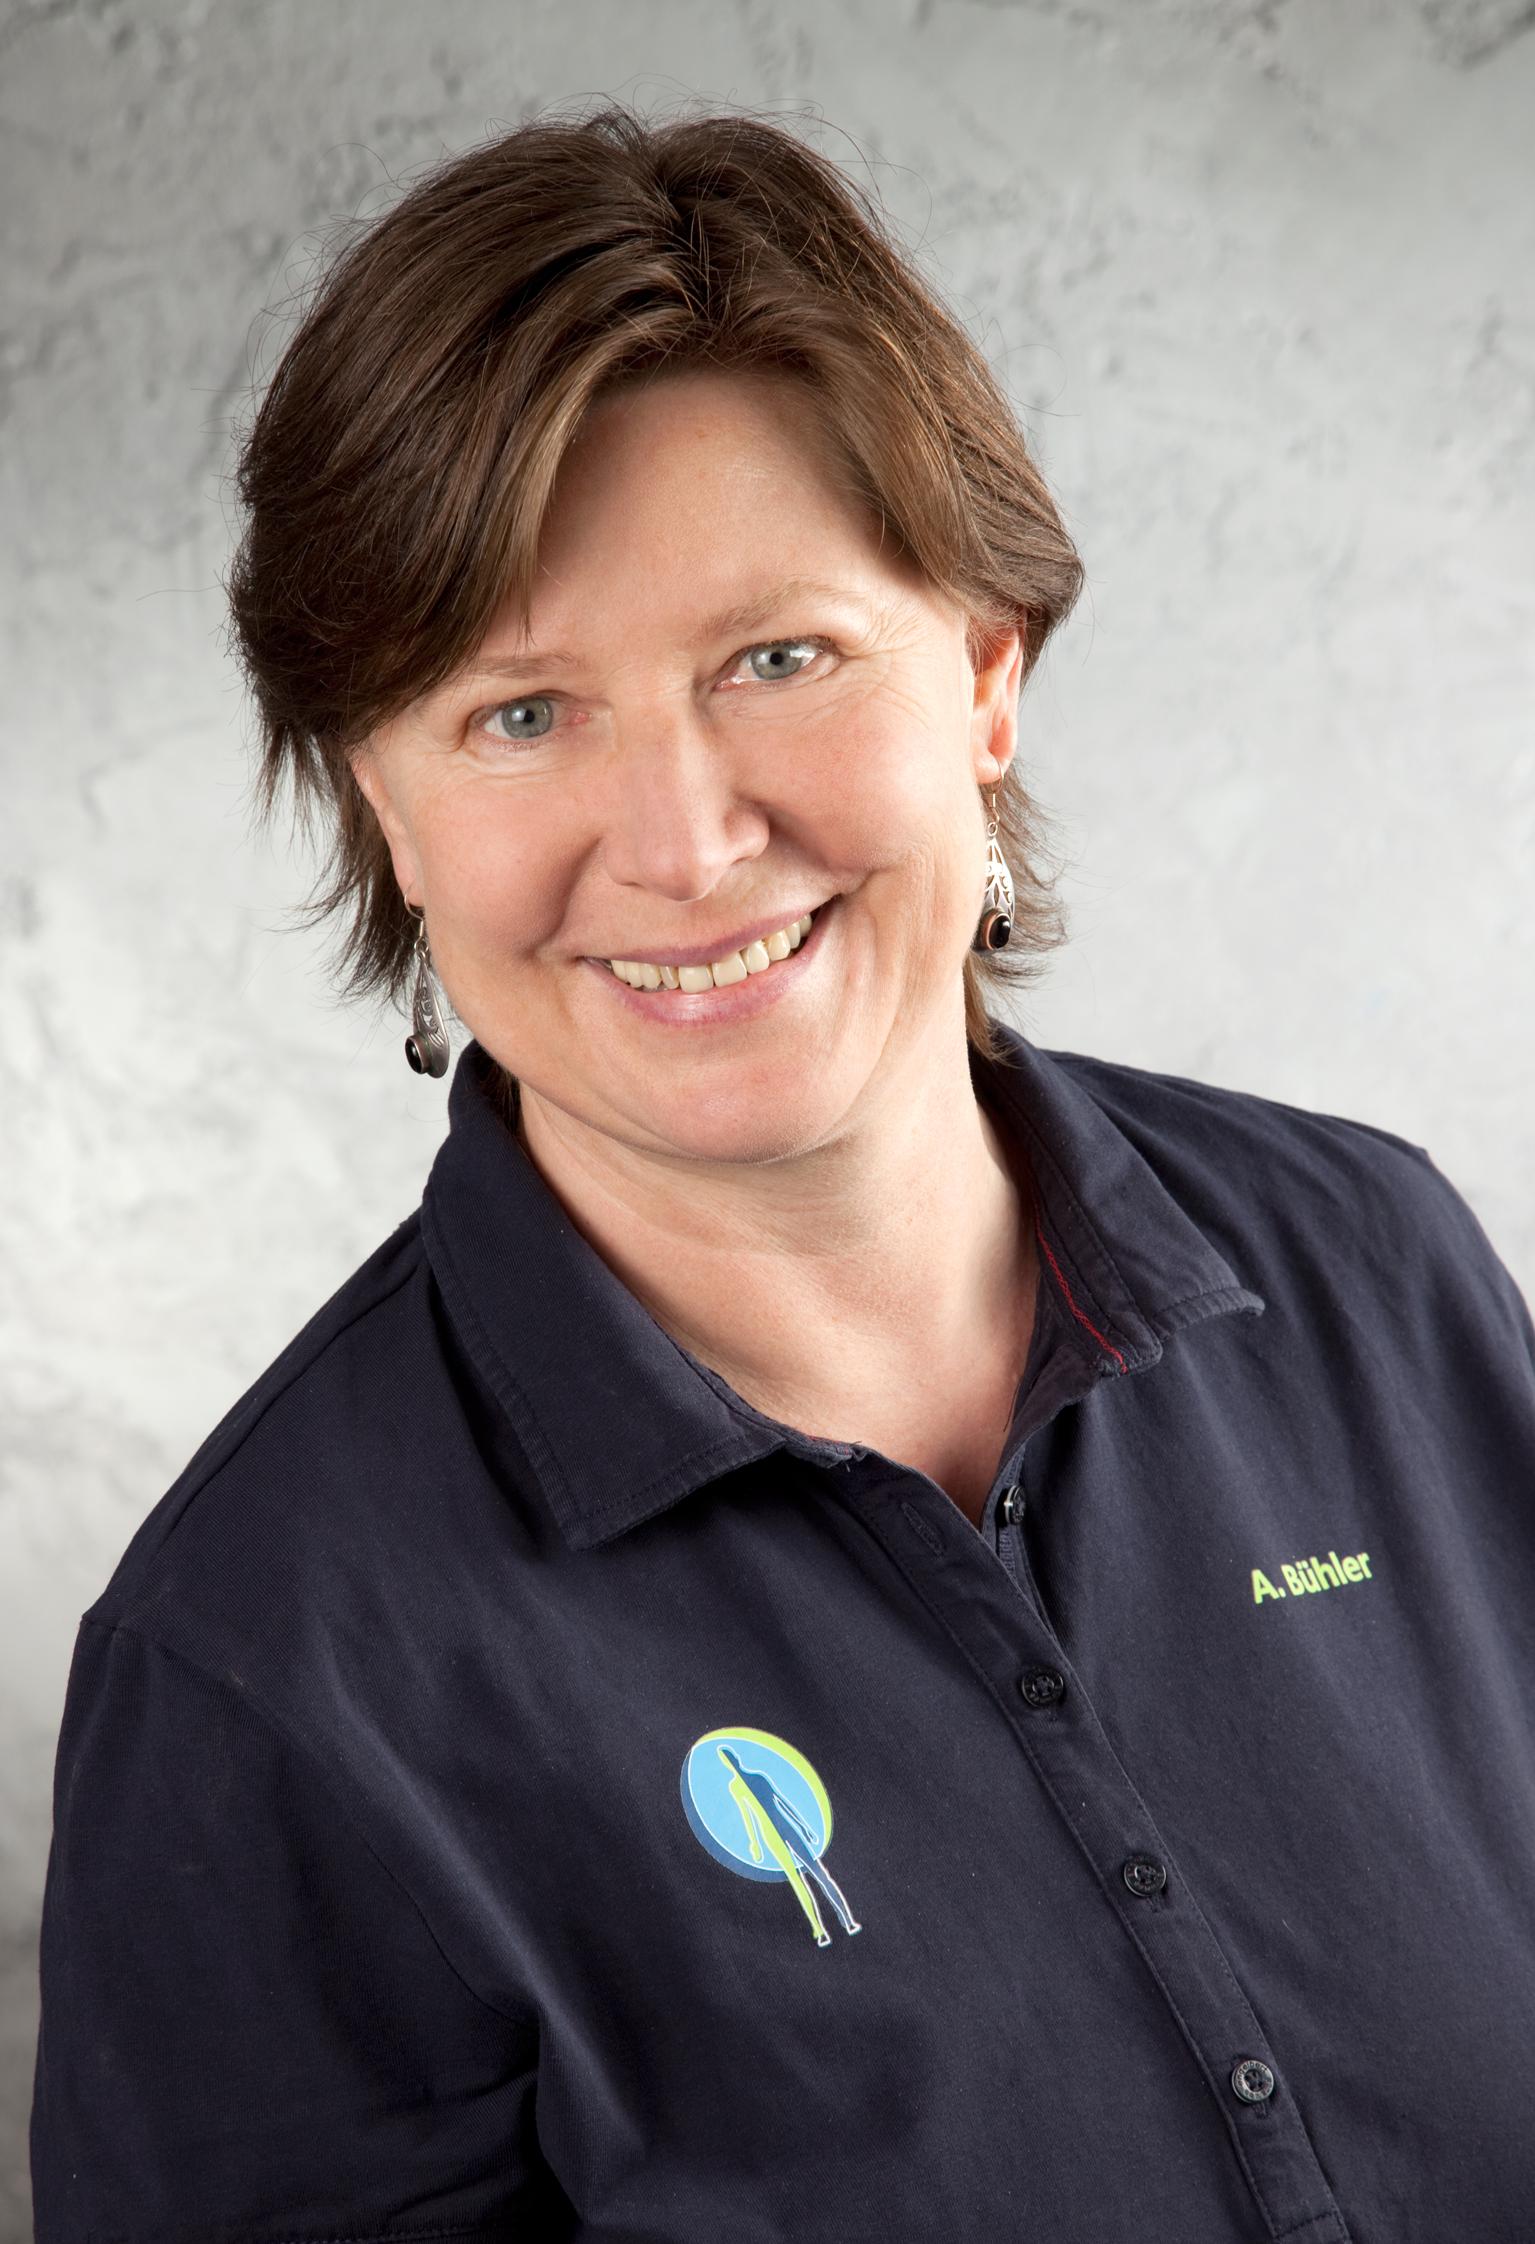 <b>Astrid Bühler</b> - Fachärztin für Allgemeinmedizin - AstridBuehler